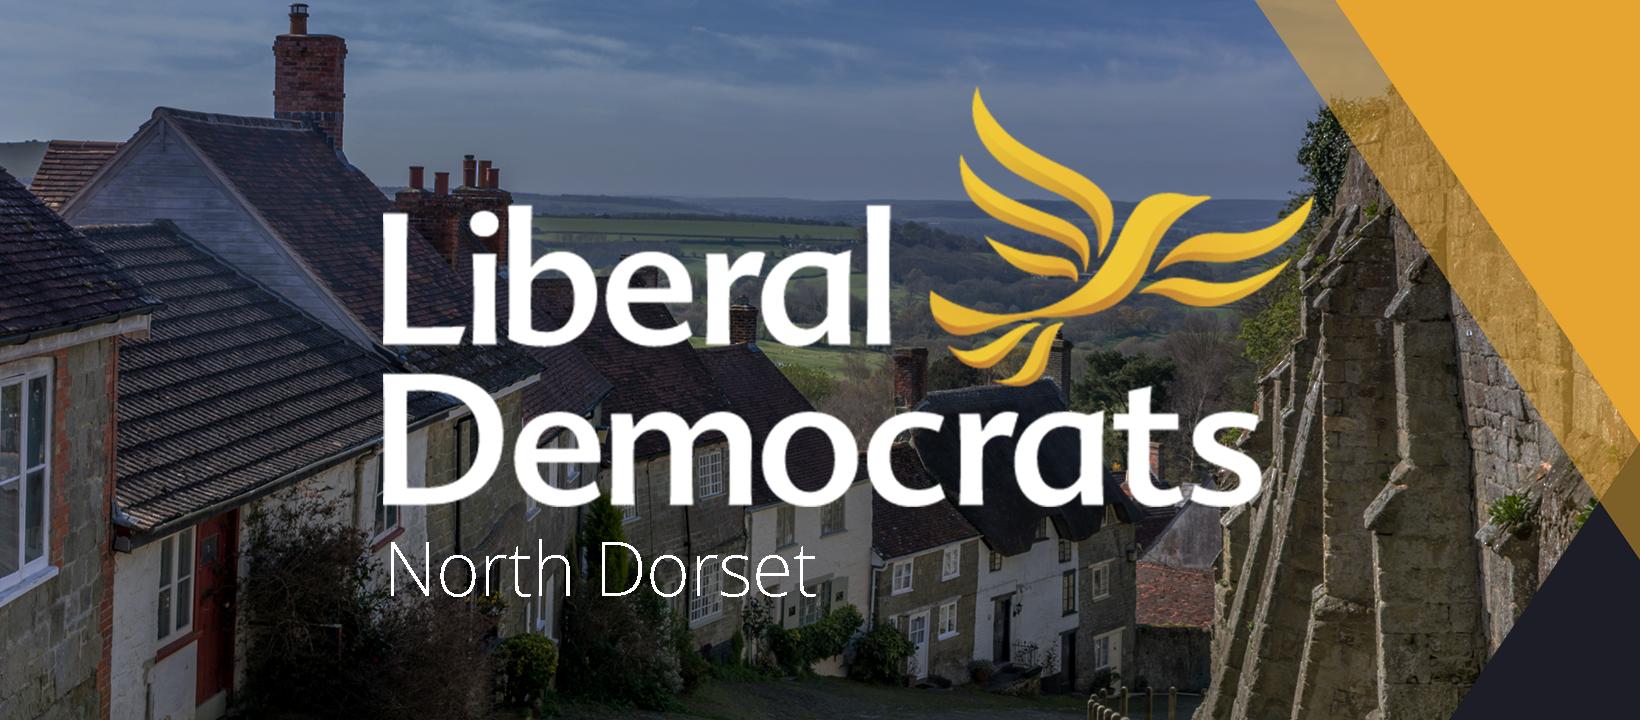 North Dorset Liberal Democrats